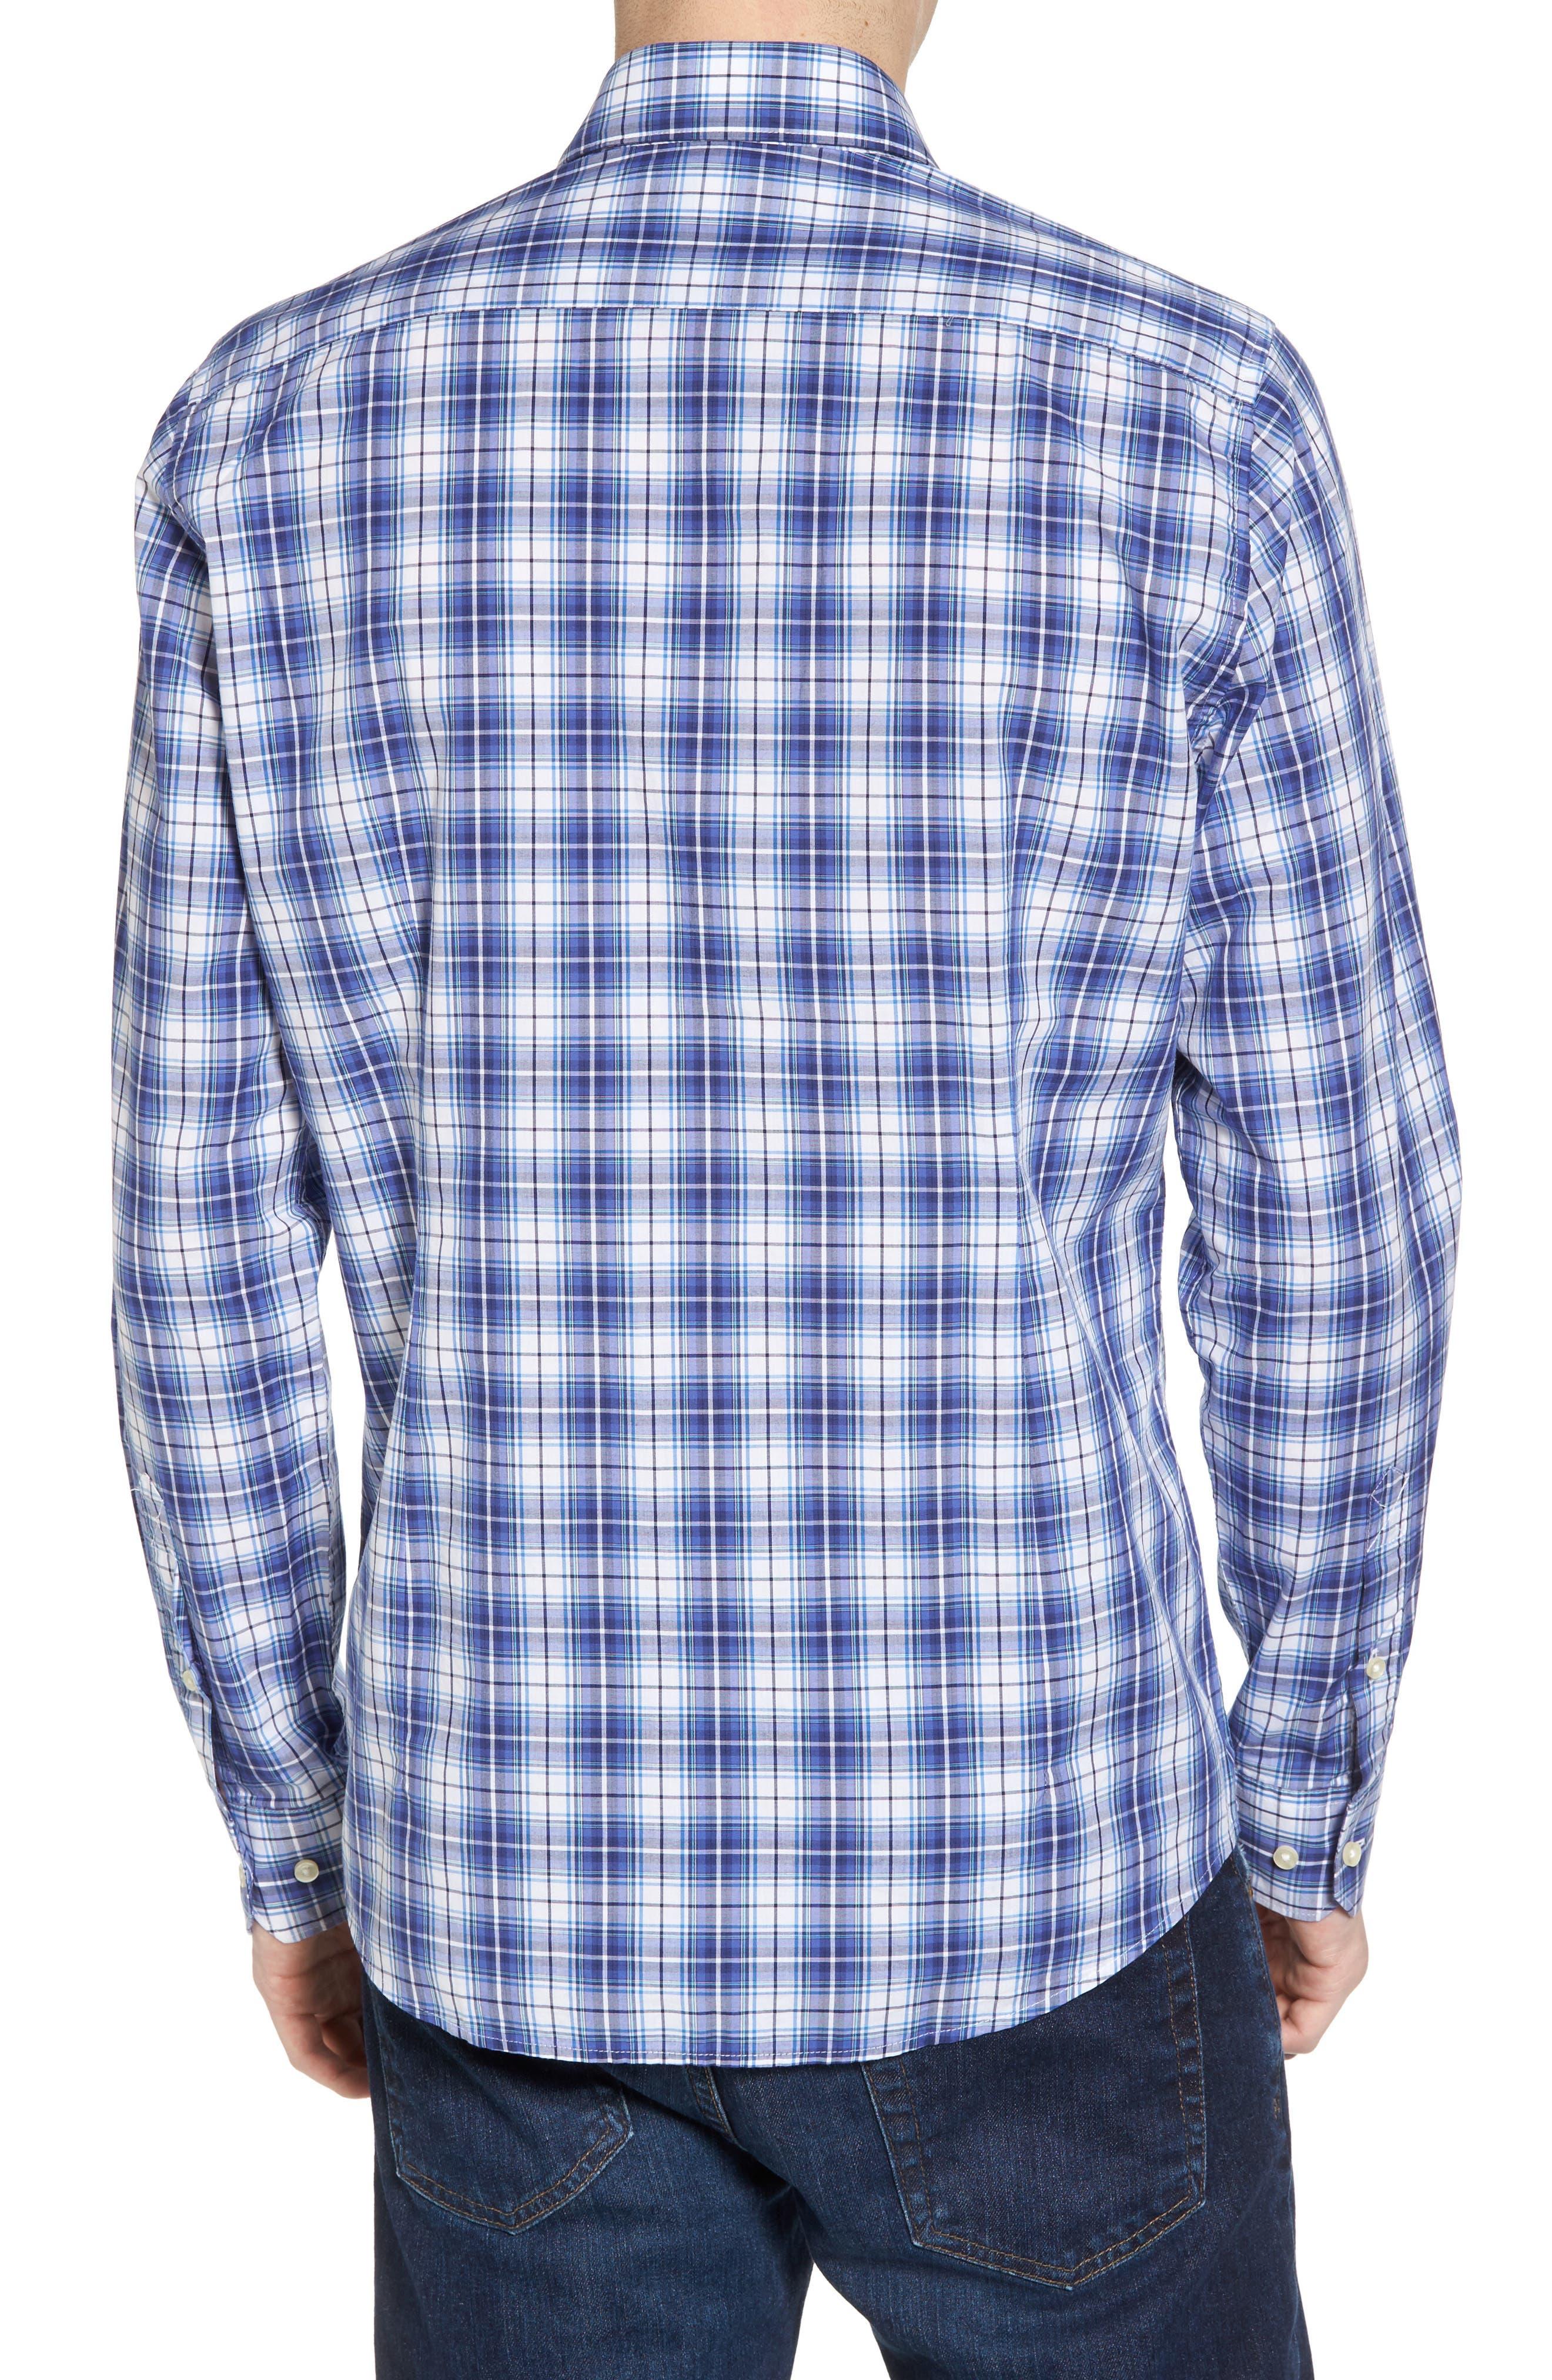 Leo Trim Fit Plaid Sport Shirt,                             Alternate thumbnail 2, color,                             420